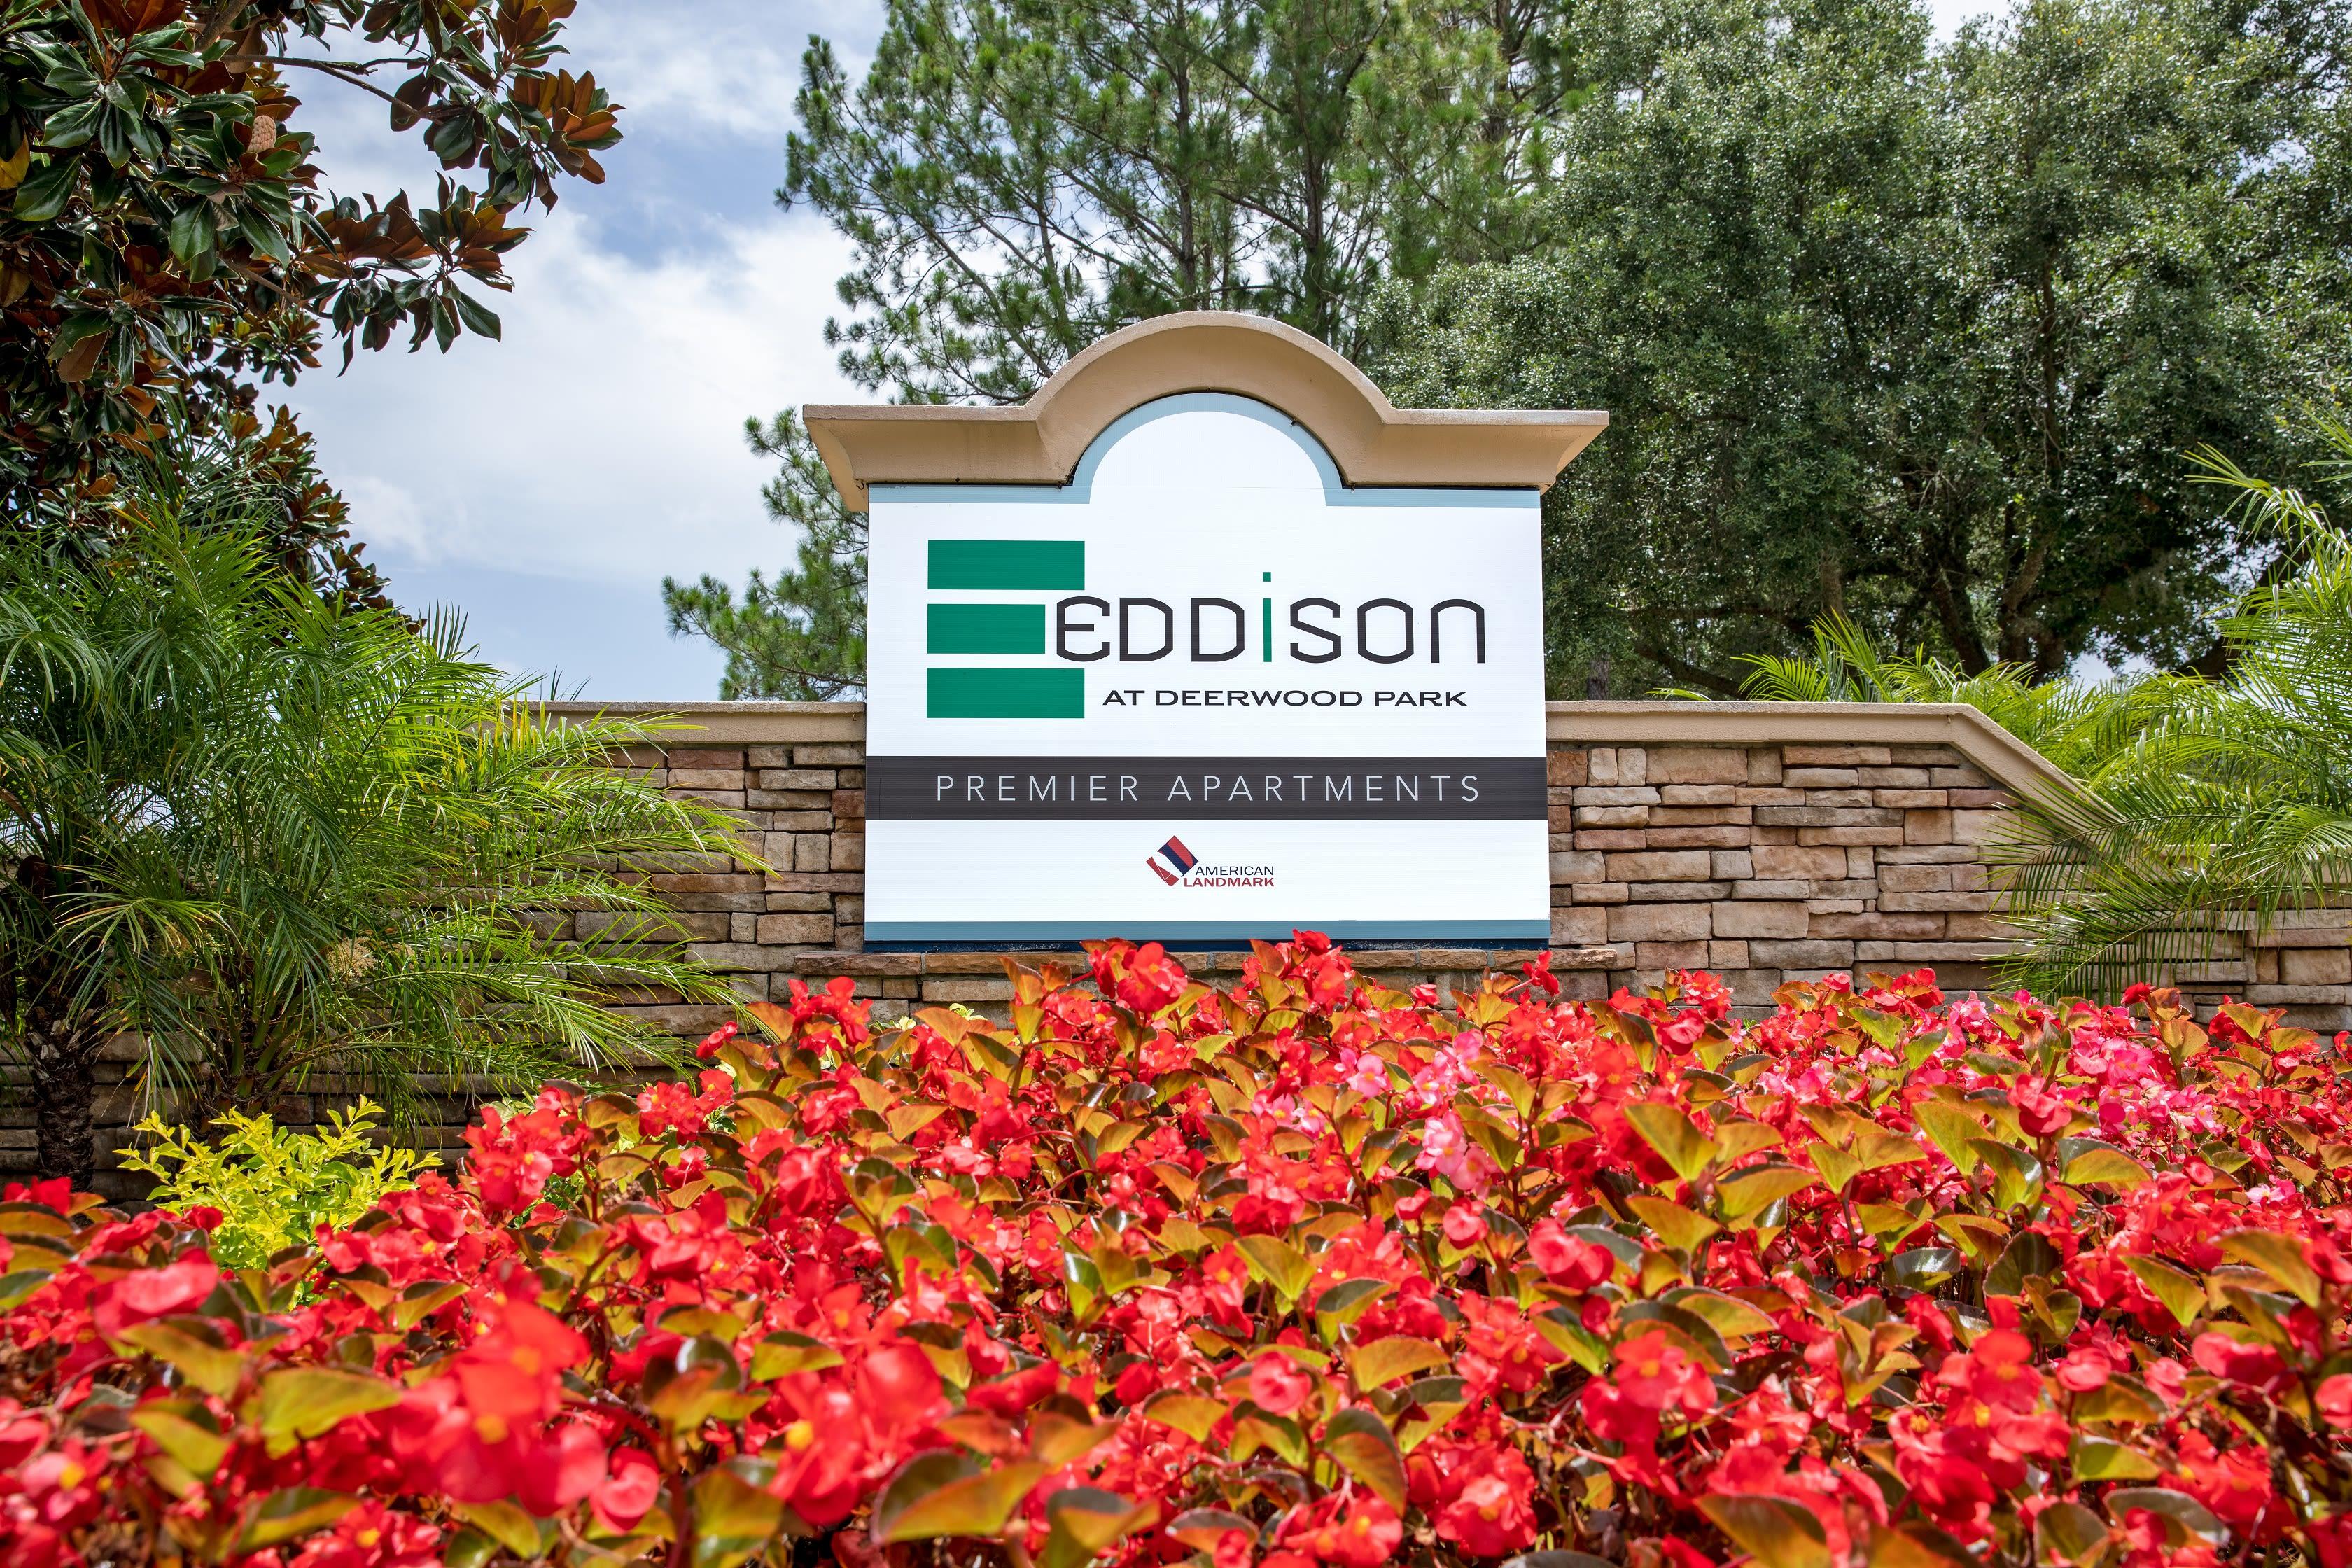 Entrance at Eddison at Deerwood Park in Jacksonville, Florida